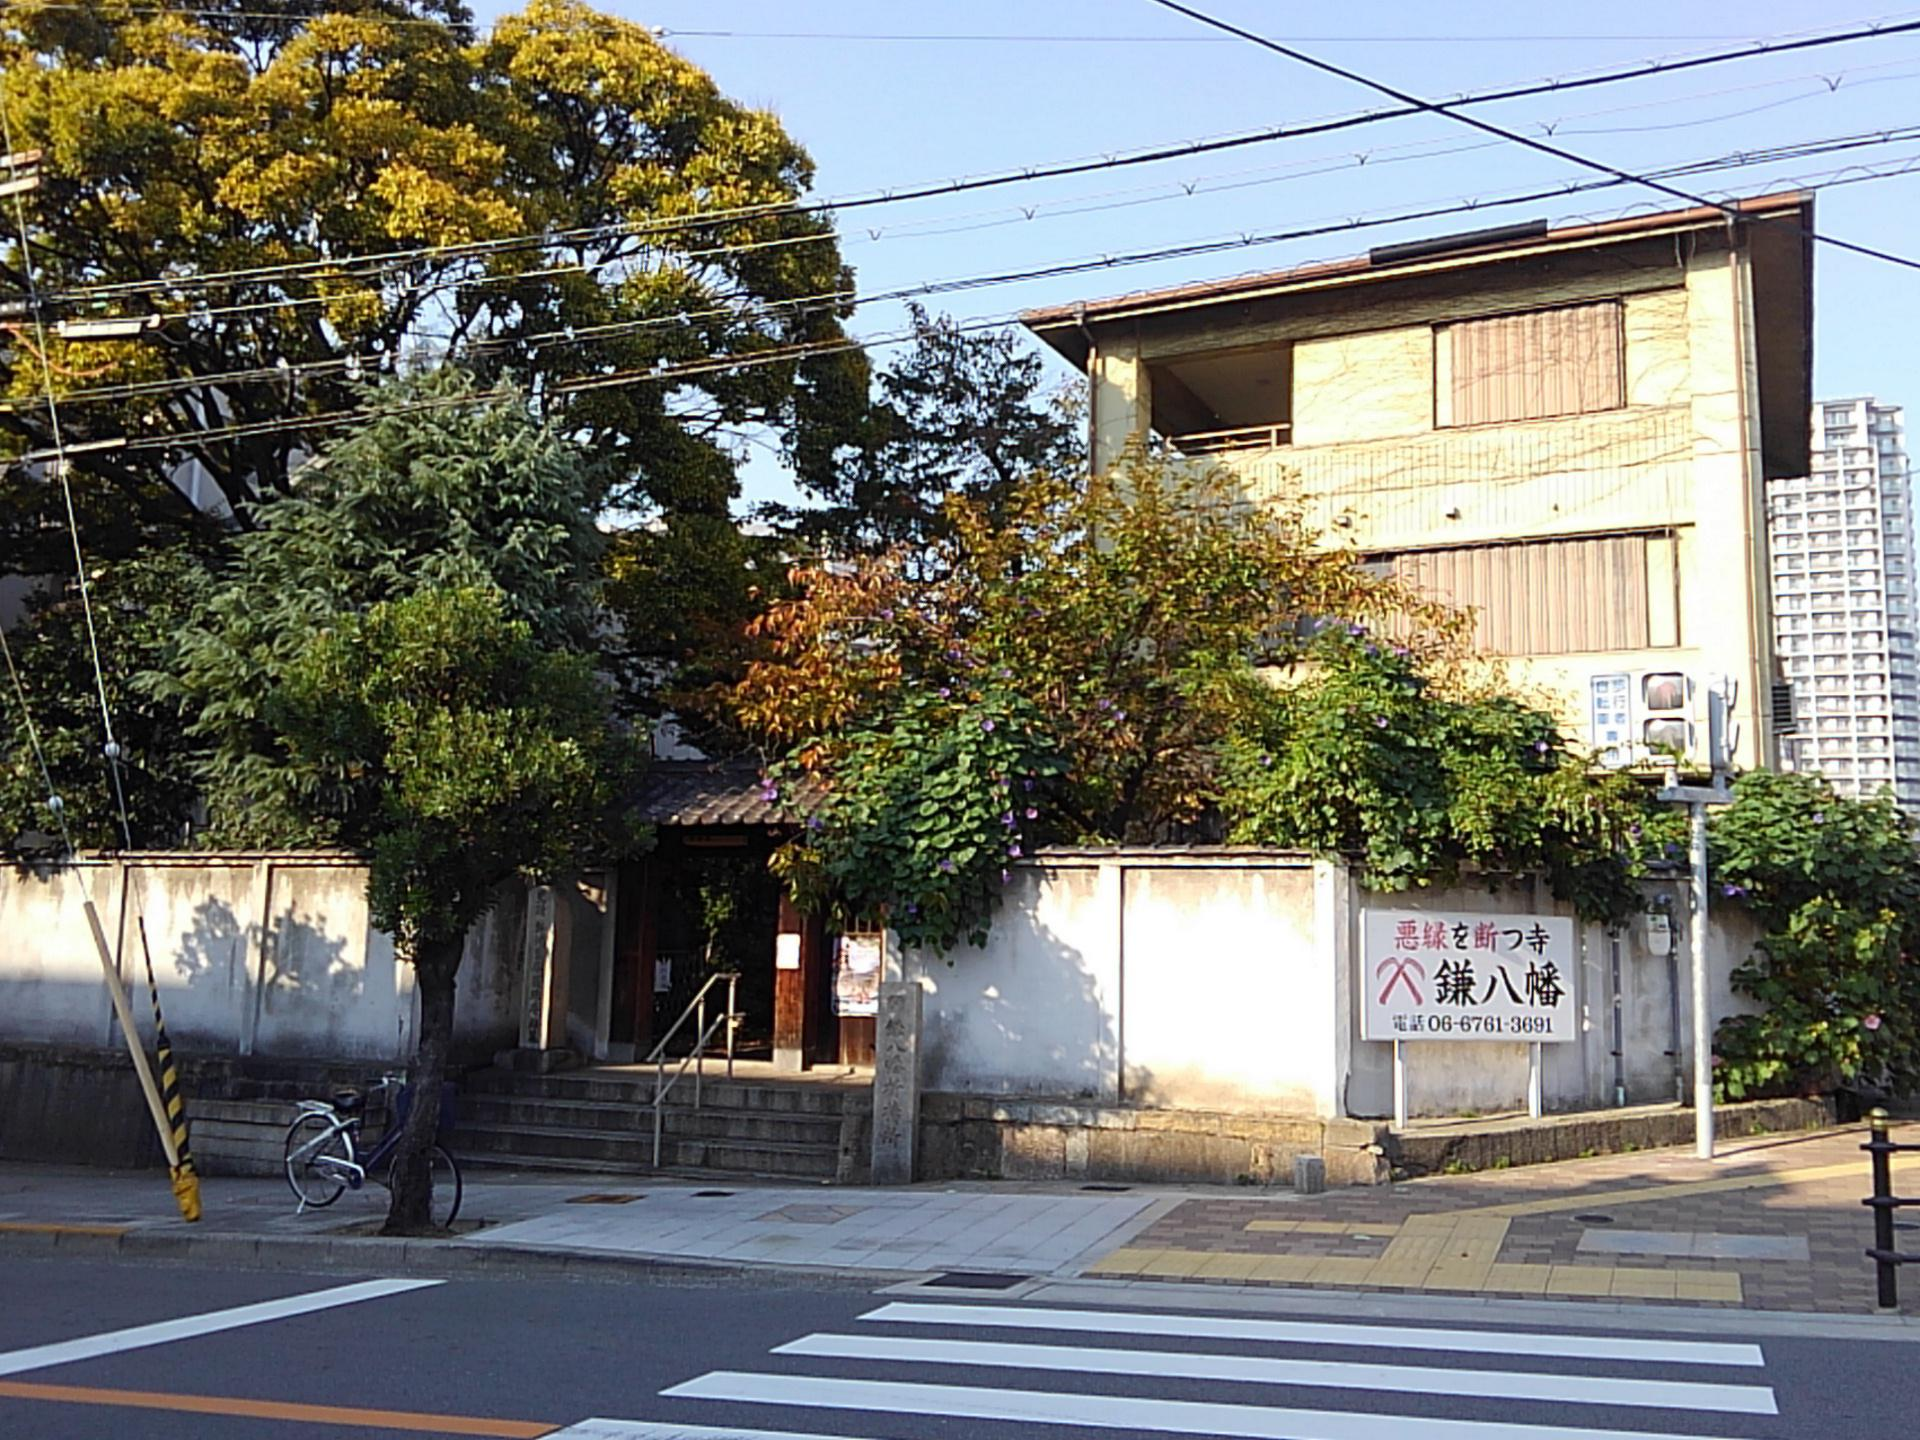 円珠庵(鎌八幡)の建物その他